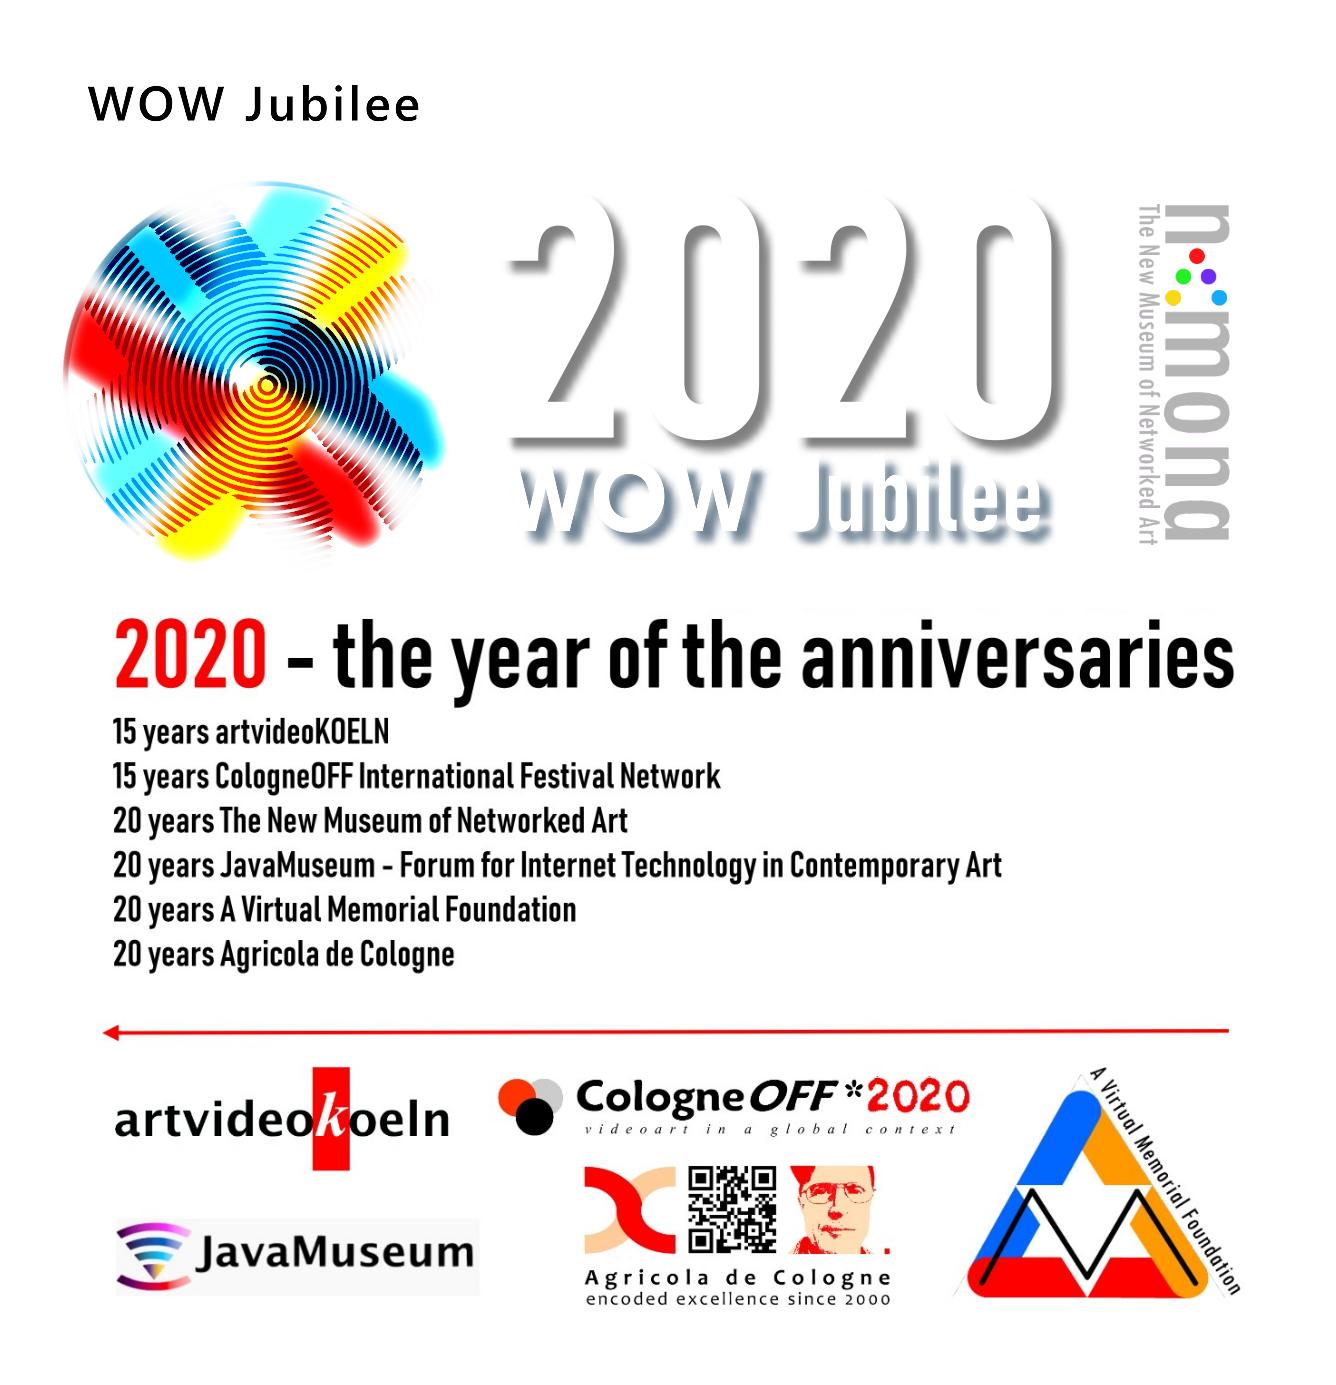 WOW Jubilee